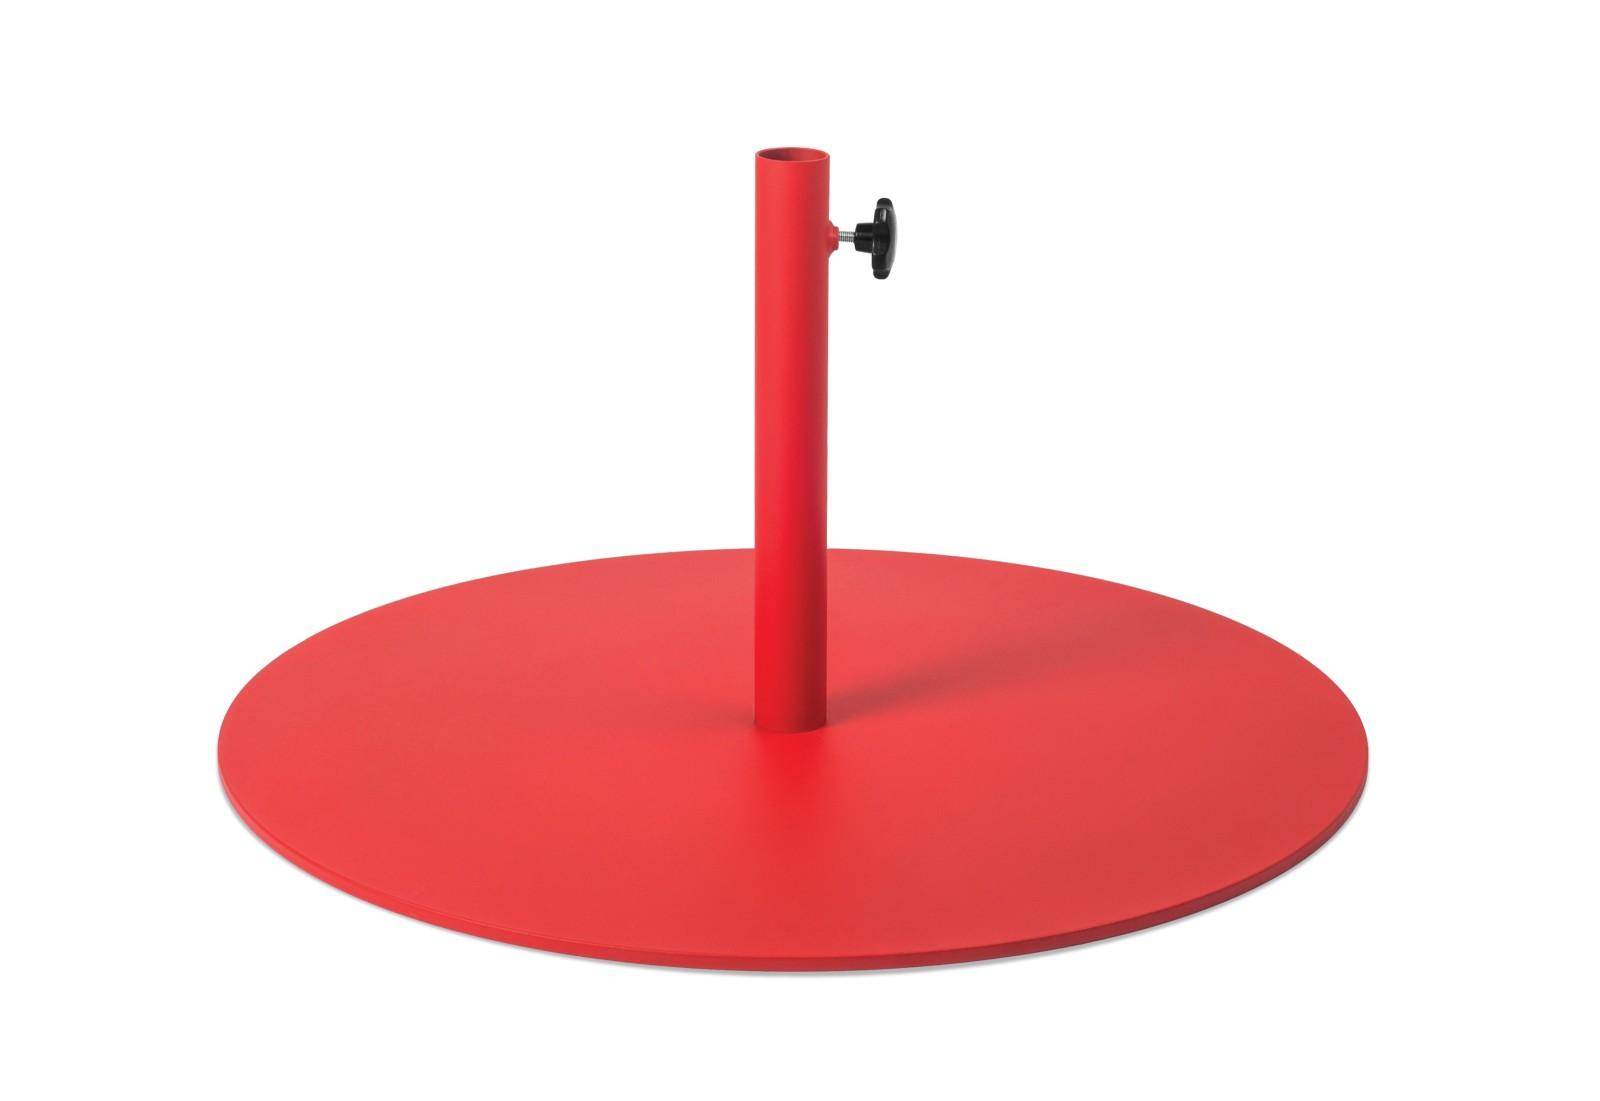 Parasol Base Red